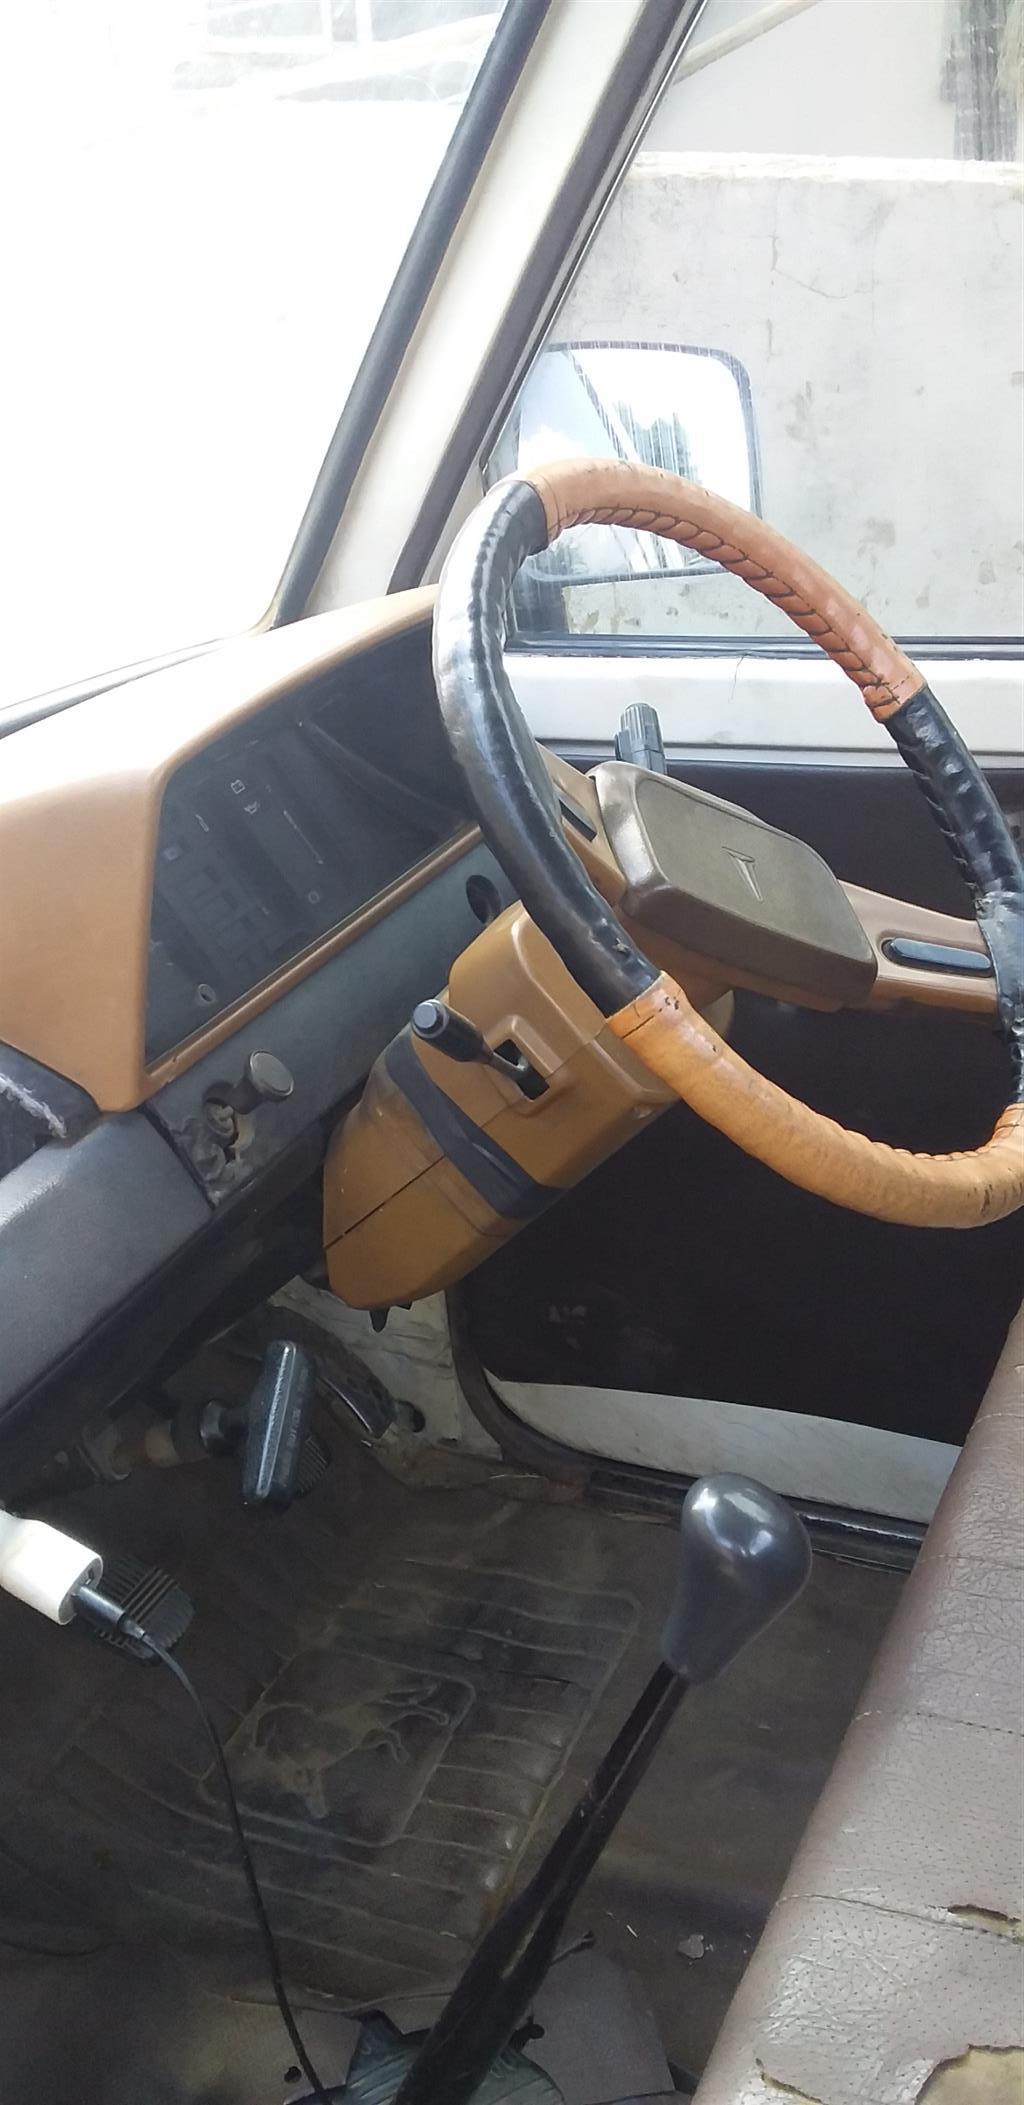 1998 Toyota Stallion 2.0 panel van